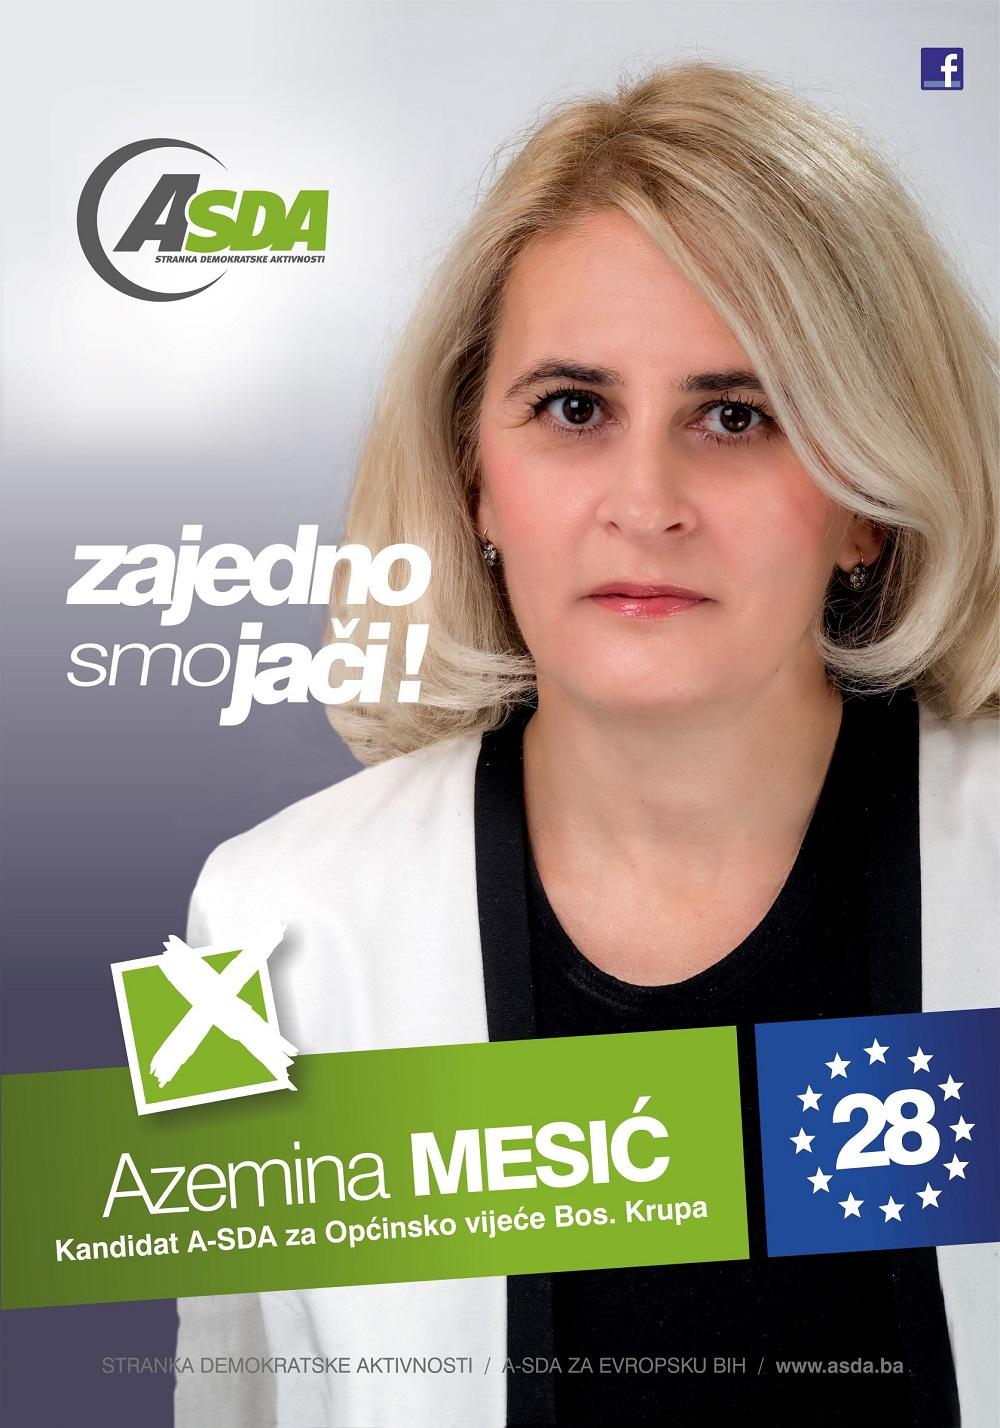 Azemina Mesić je rođena 1980. godine u Bosanskoj Krupi, gdje završava osnovnu i srednju školu te stječe zvanje konfekcionar tekstila. Udata je i majka jednog djeteta.